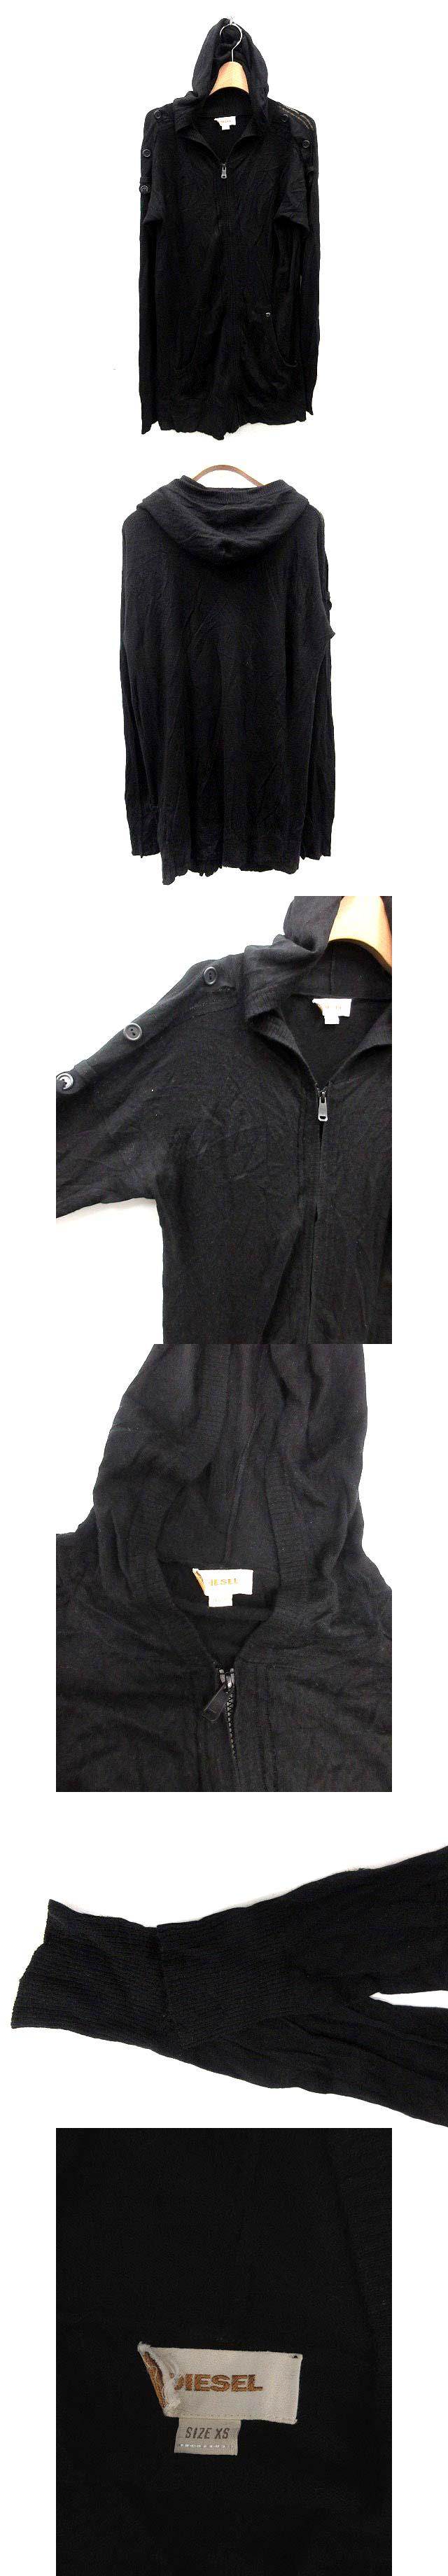 パーカー ニット 長袖 ロング ジップアップ アンゴラ混 XS 黒 /NT37 ■CA